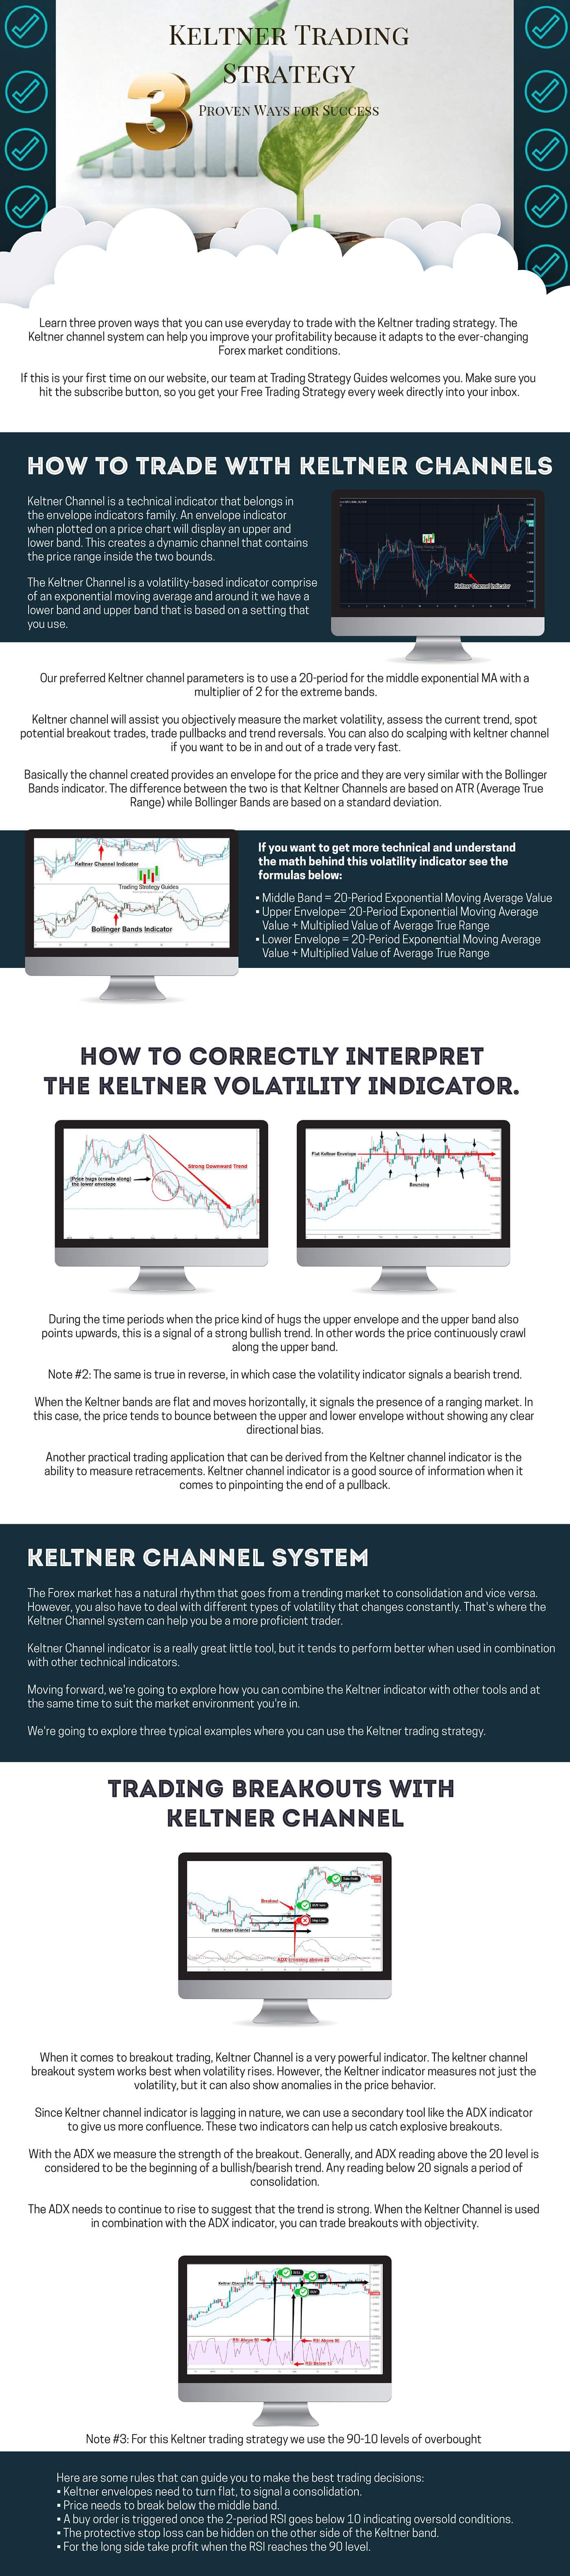 keltner trading infographic